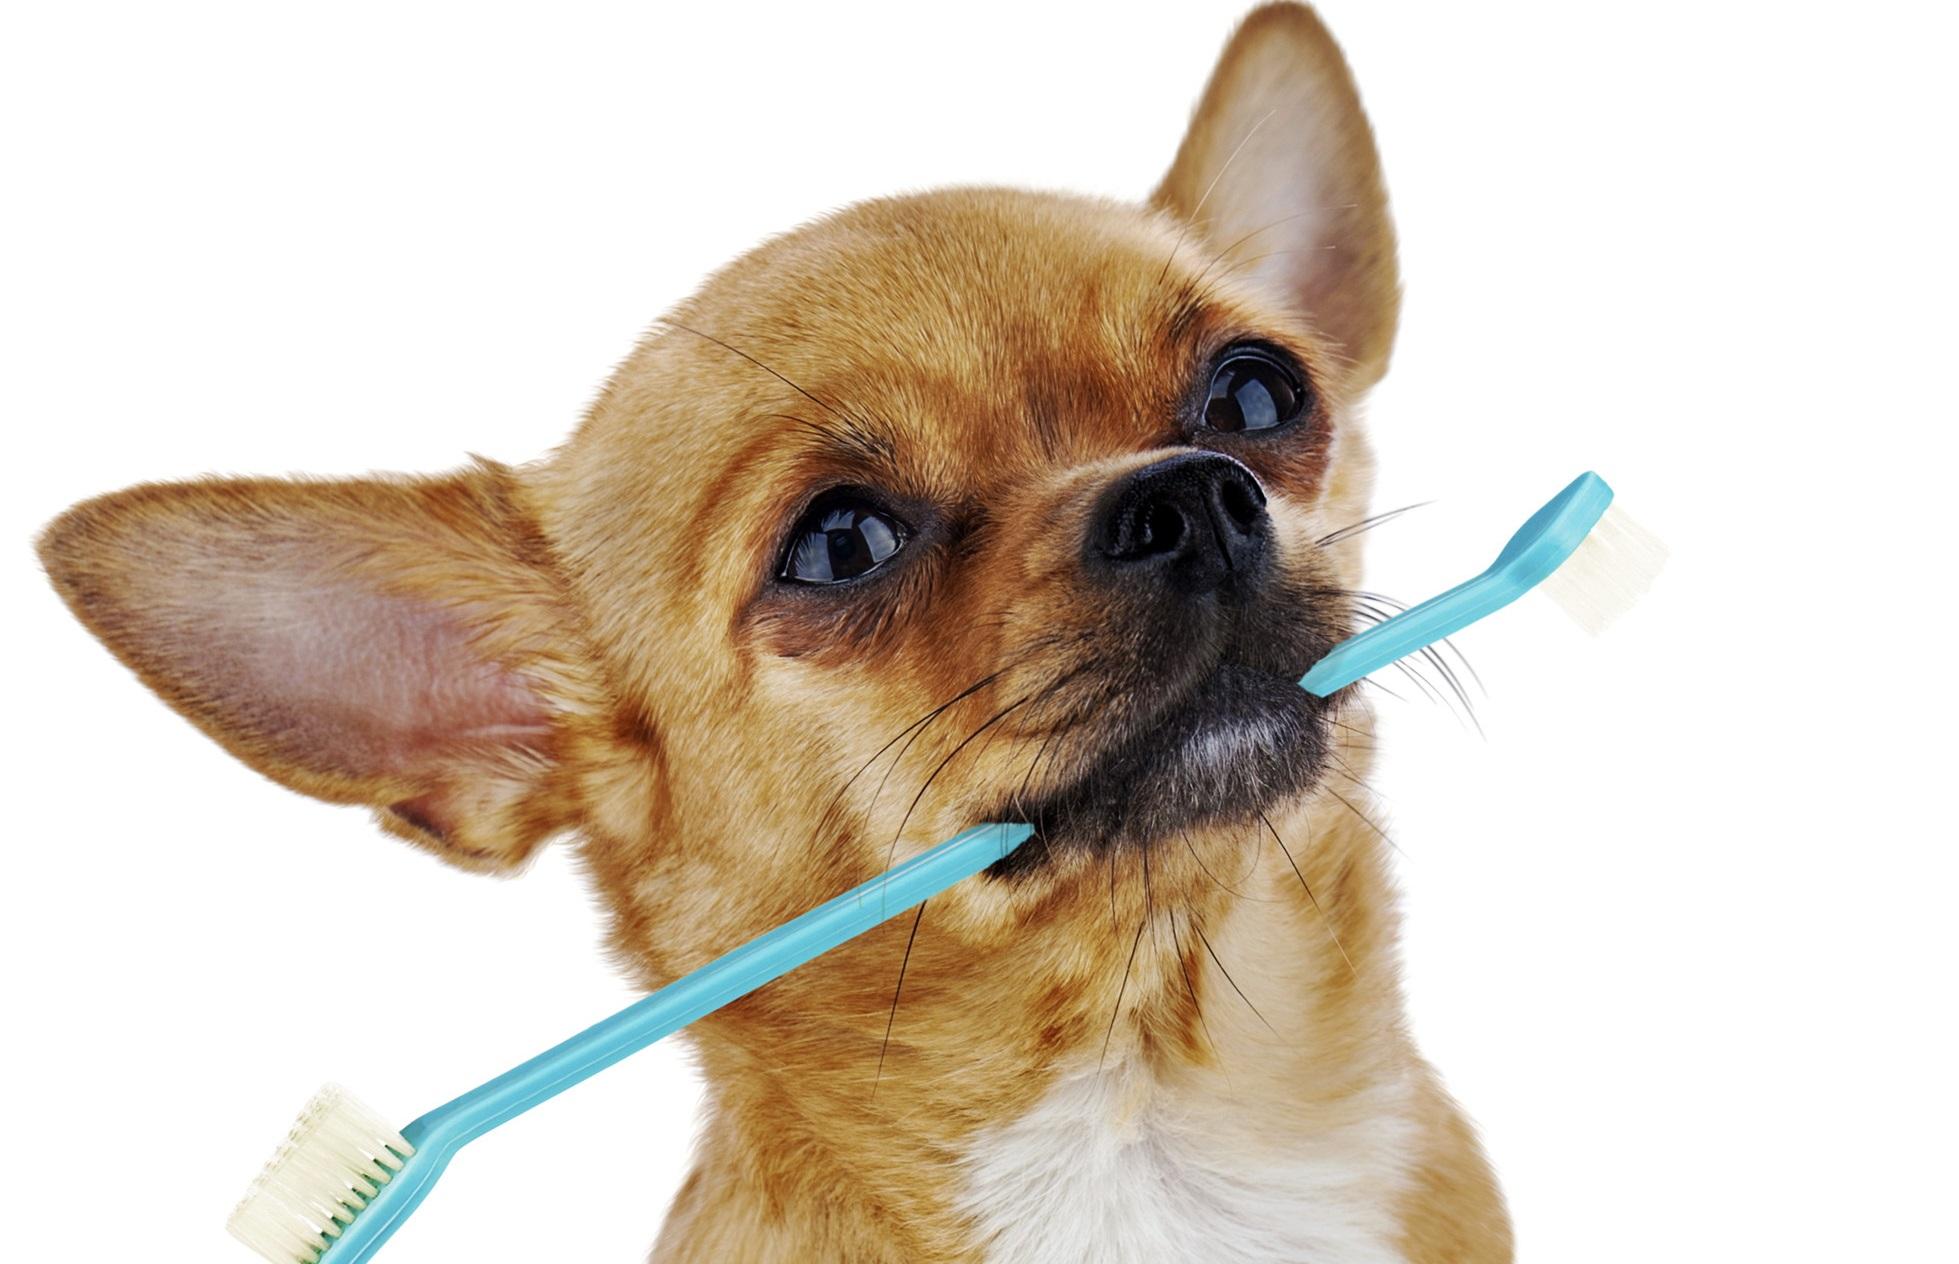 Perro pequeño con un cepilllo de dientes en la boca